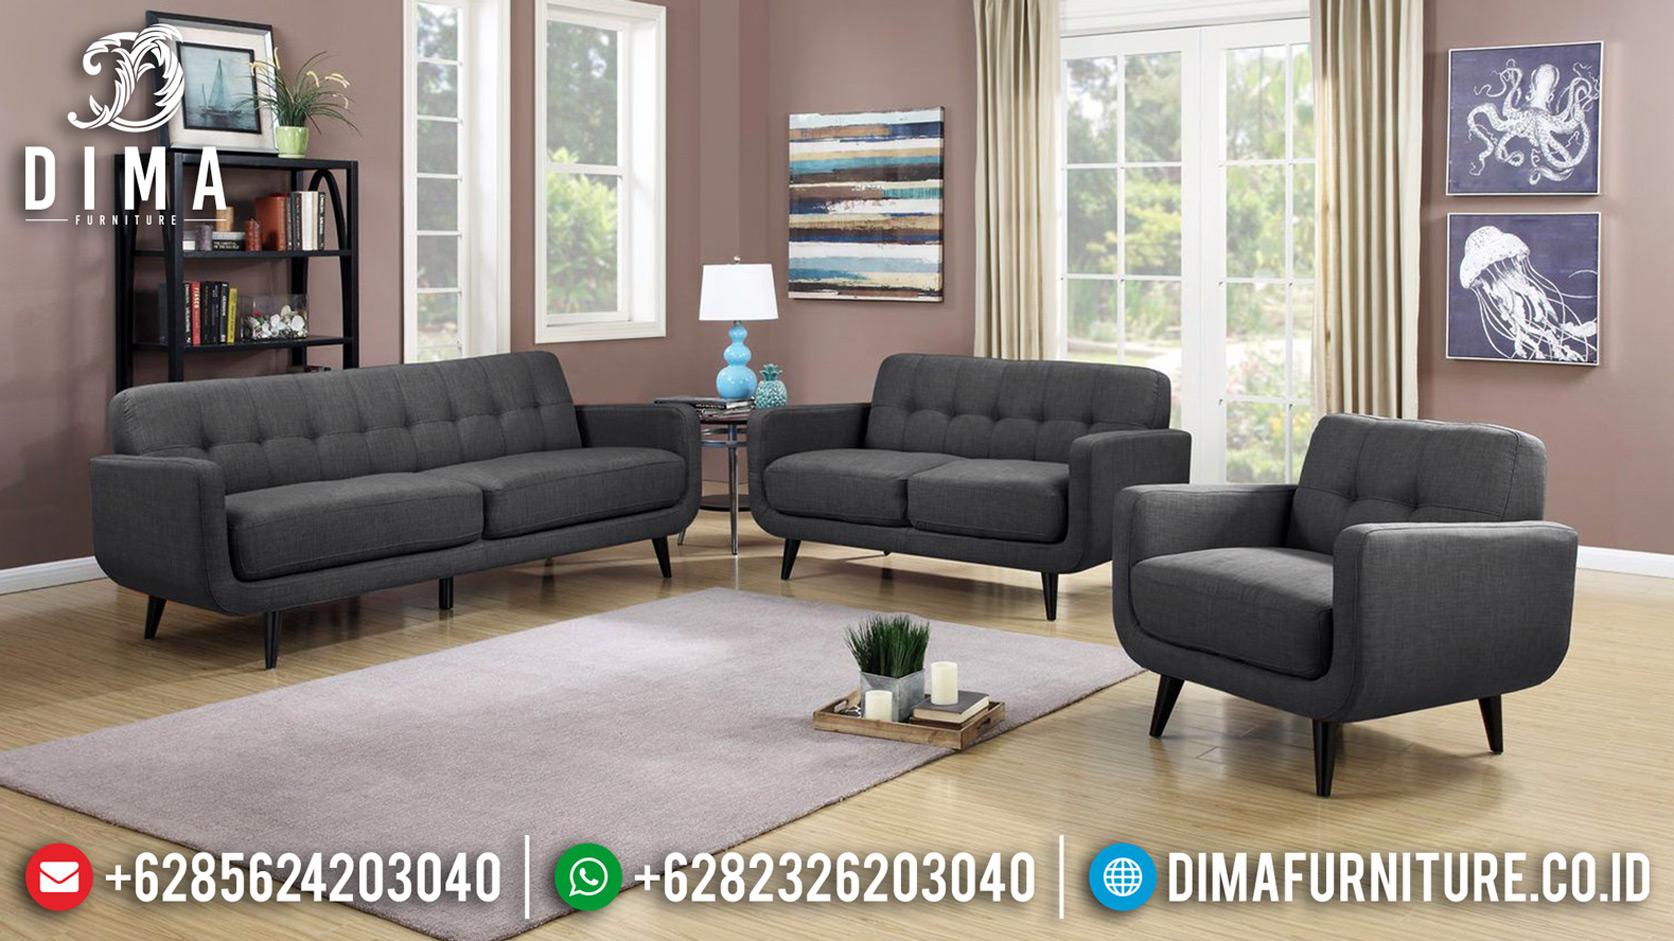 Jual Sofa Tamu Minimalis Retro Classic Design Interior Luxury MMJ-0646